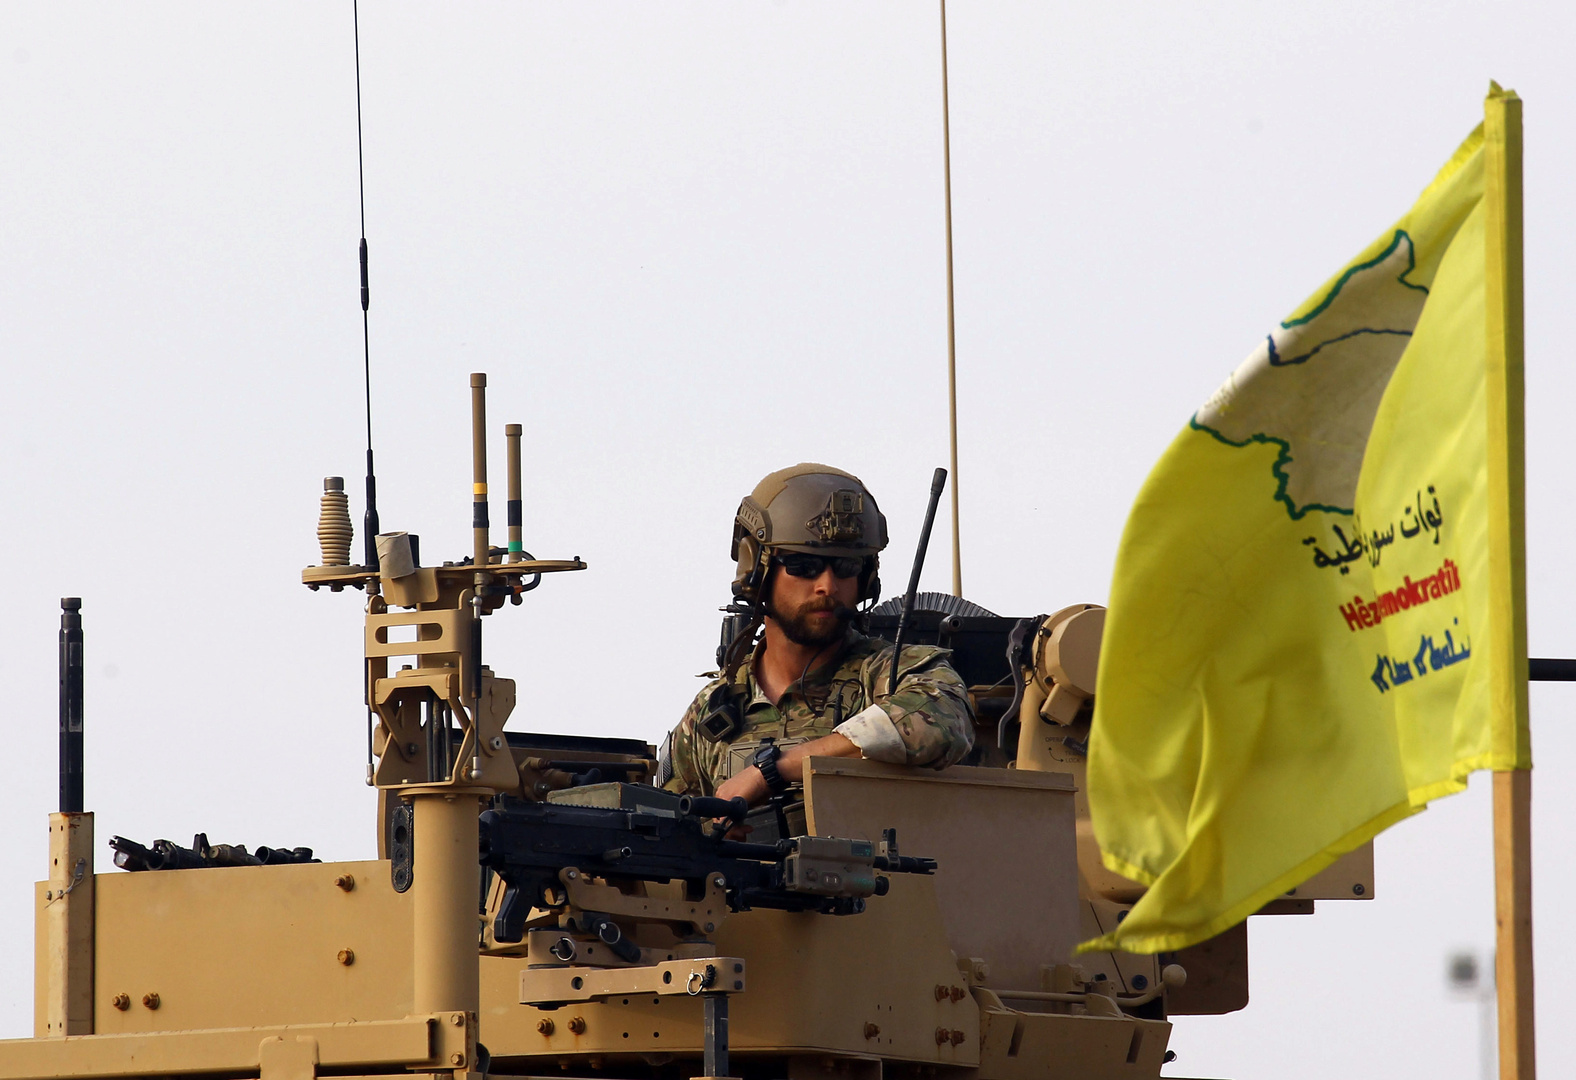 عسكري أمريكي أمام علم الإدارة الذاتية في شمال وشرق سوريا في حقل النفط العمل بمحافظة دير الزور.